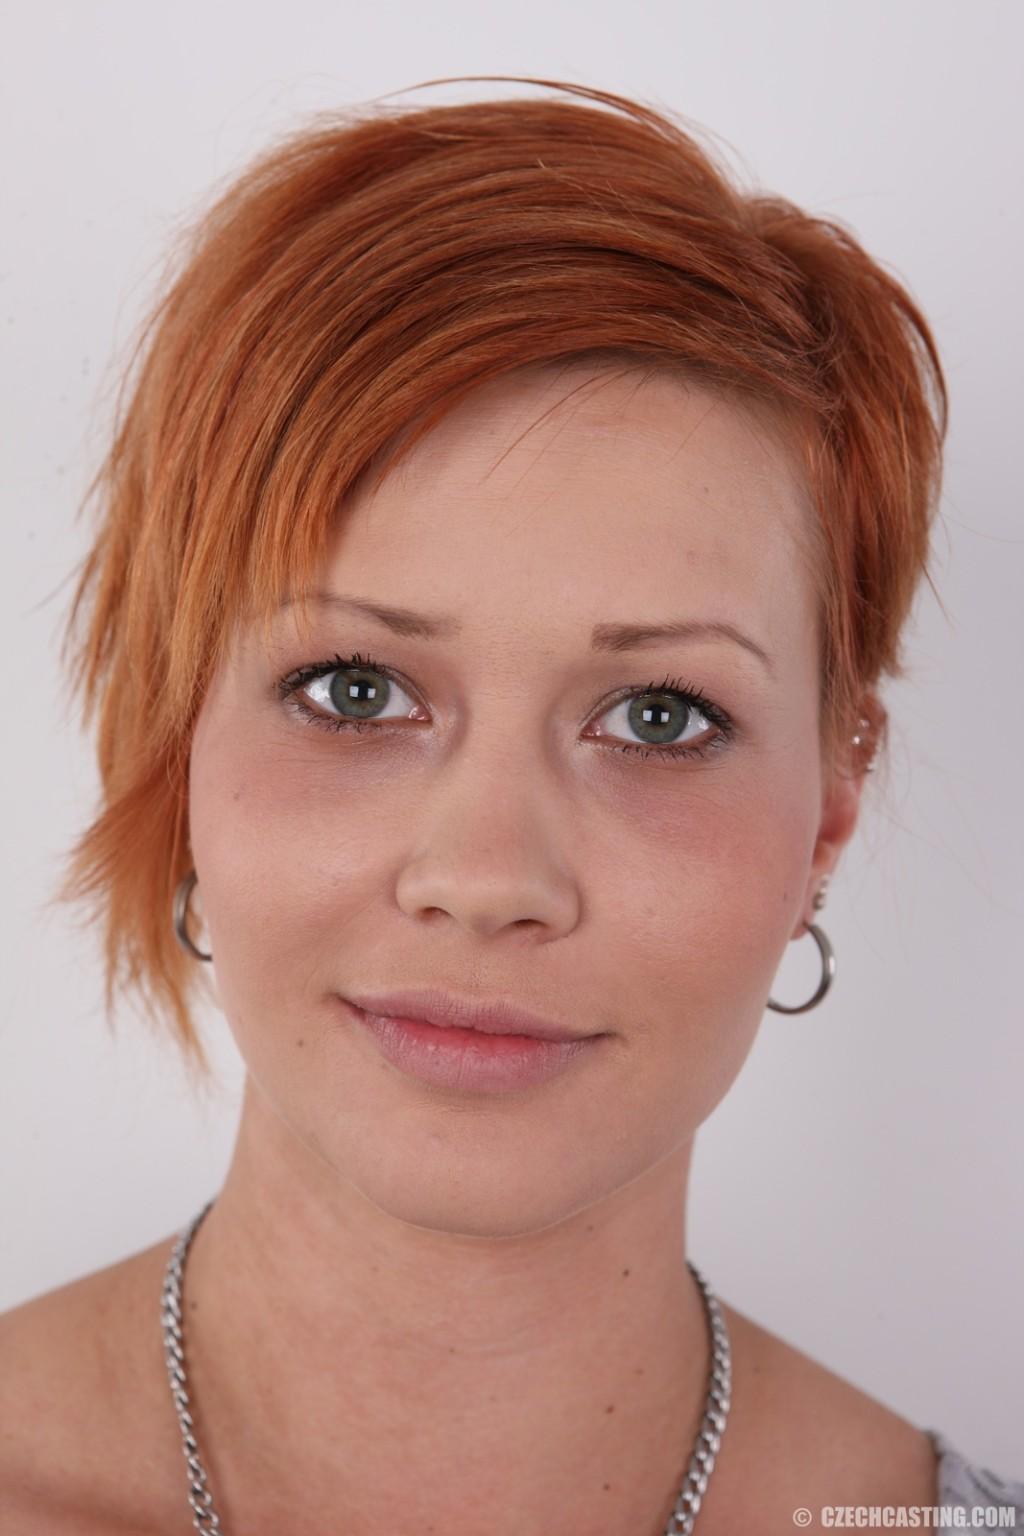 В чешском кастинге участвует девушка с короткой стрижкой, послушно исполняя указания фотографа